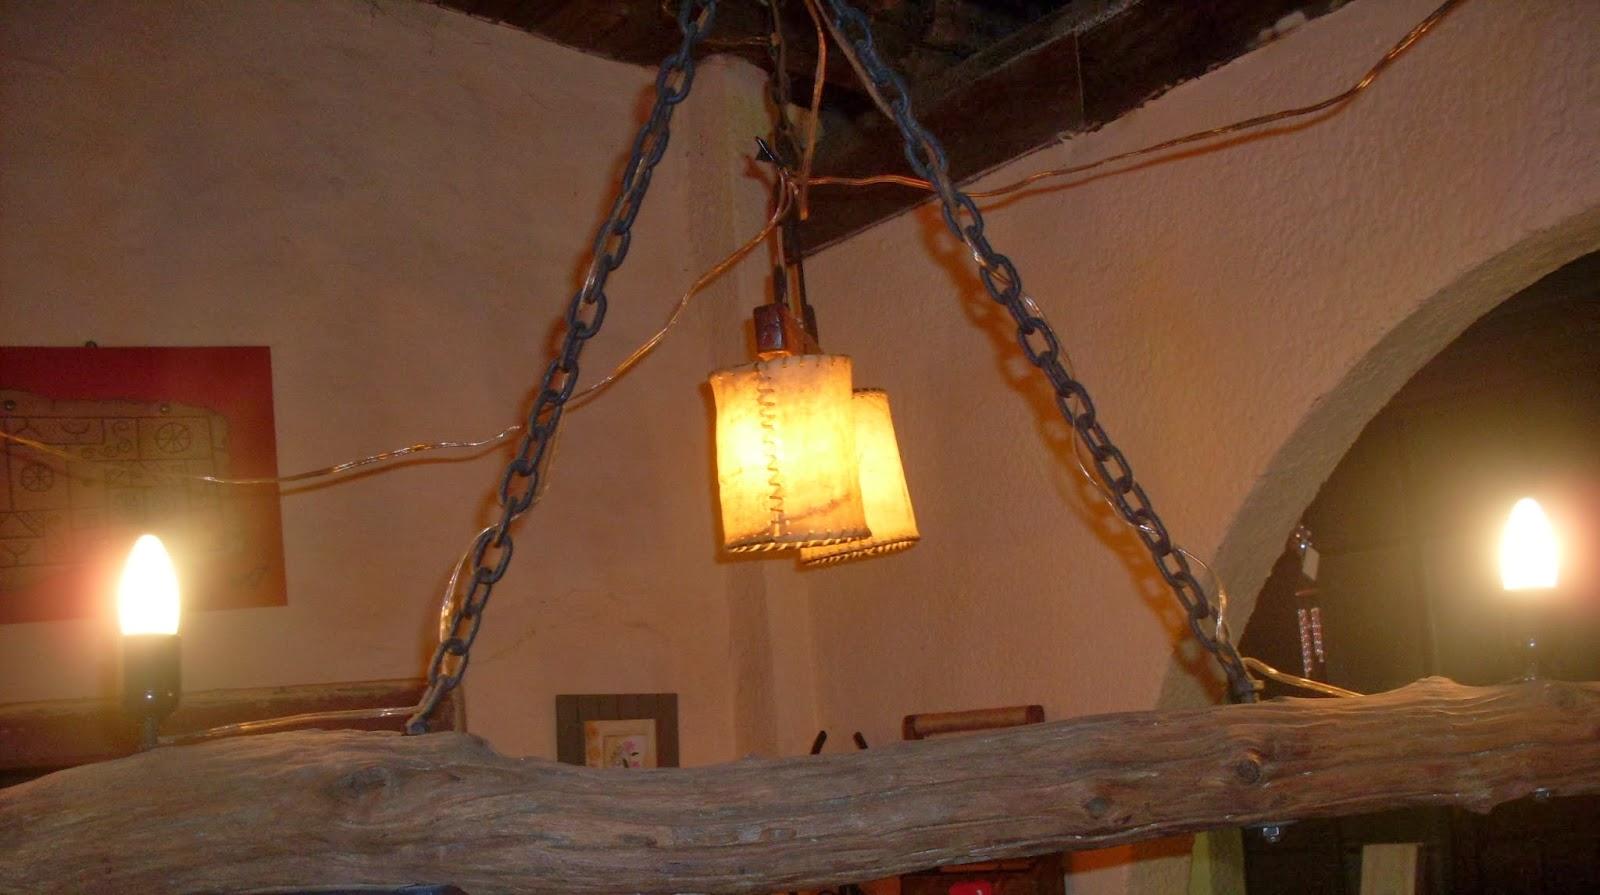 El desv n taller de hierro y madera ta 39 bueno - Lamparas para cocinas rusticas ...